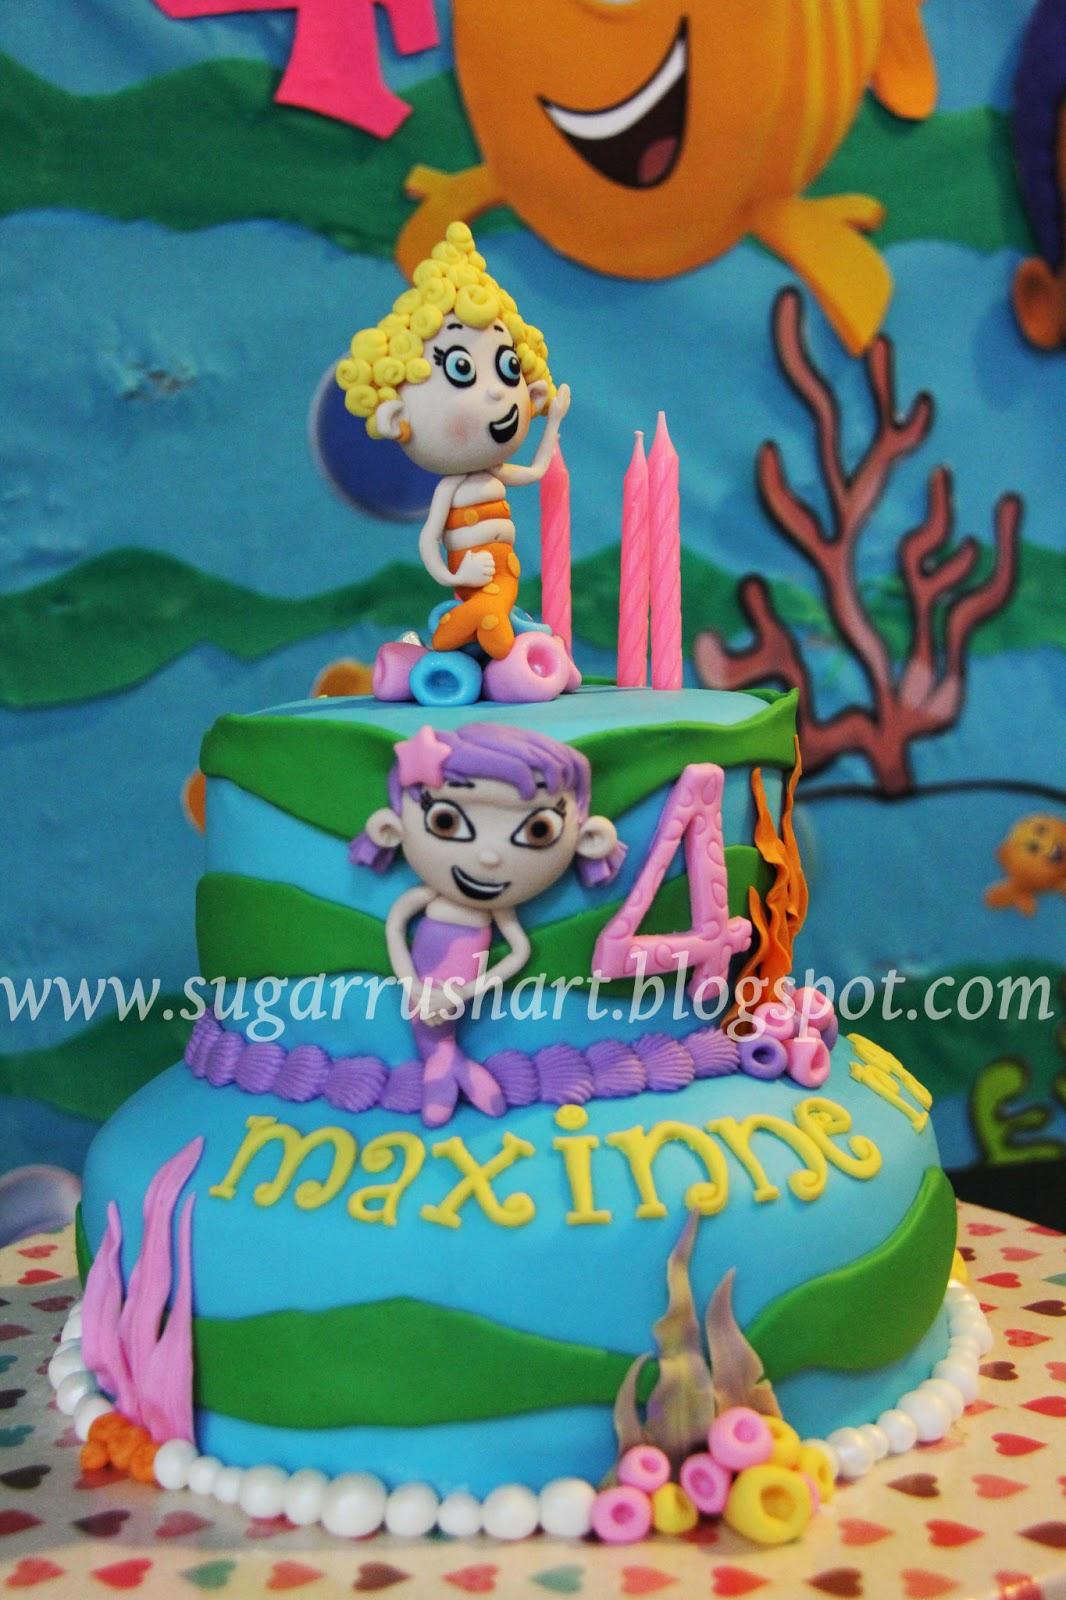 Sugar Rush Art Bubble Guppies Birthday Cake